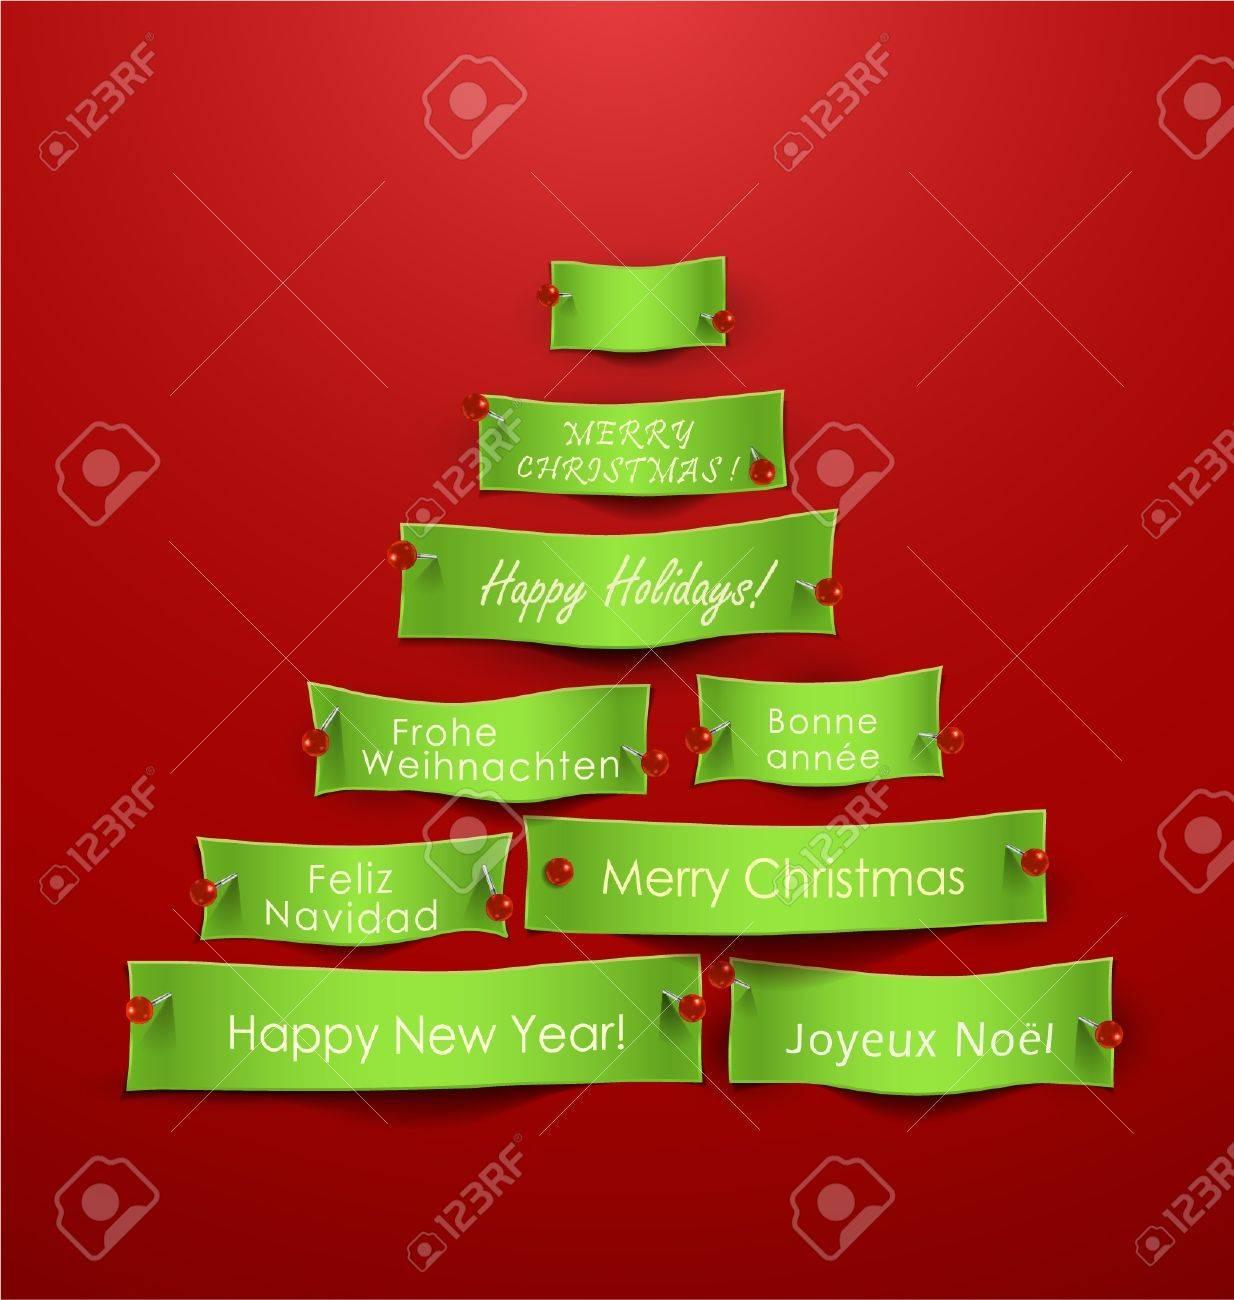 Recortes De Papel En Forma De árbol De Navidad Con Mensajes De Unas ...